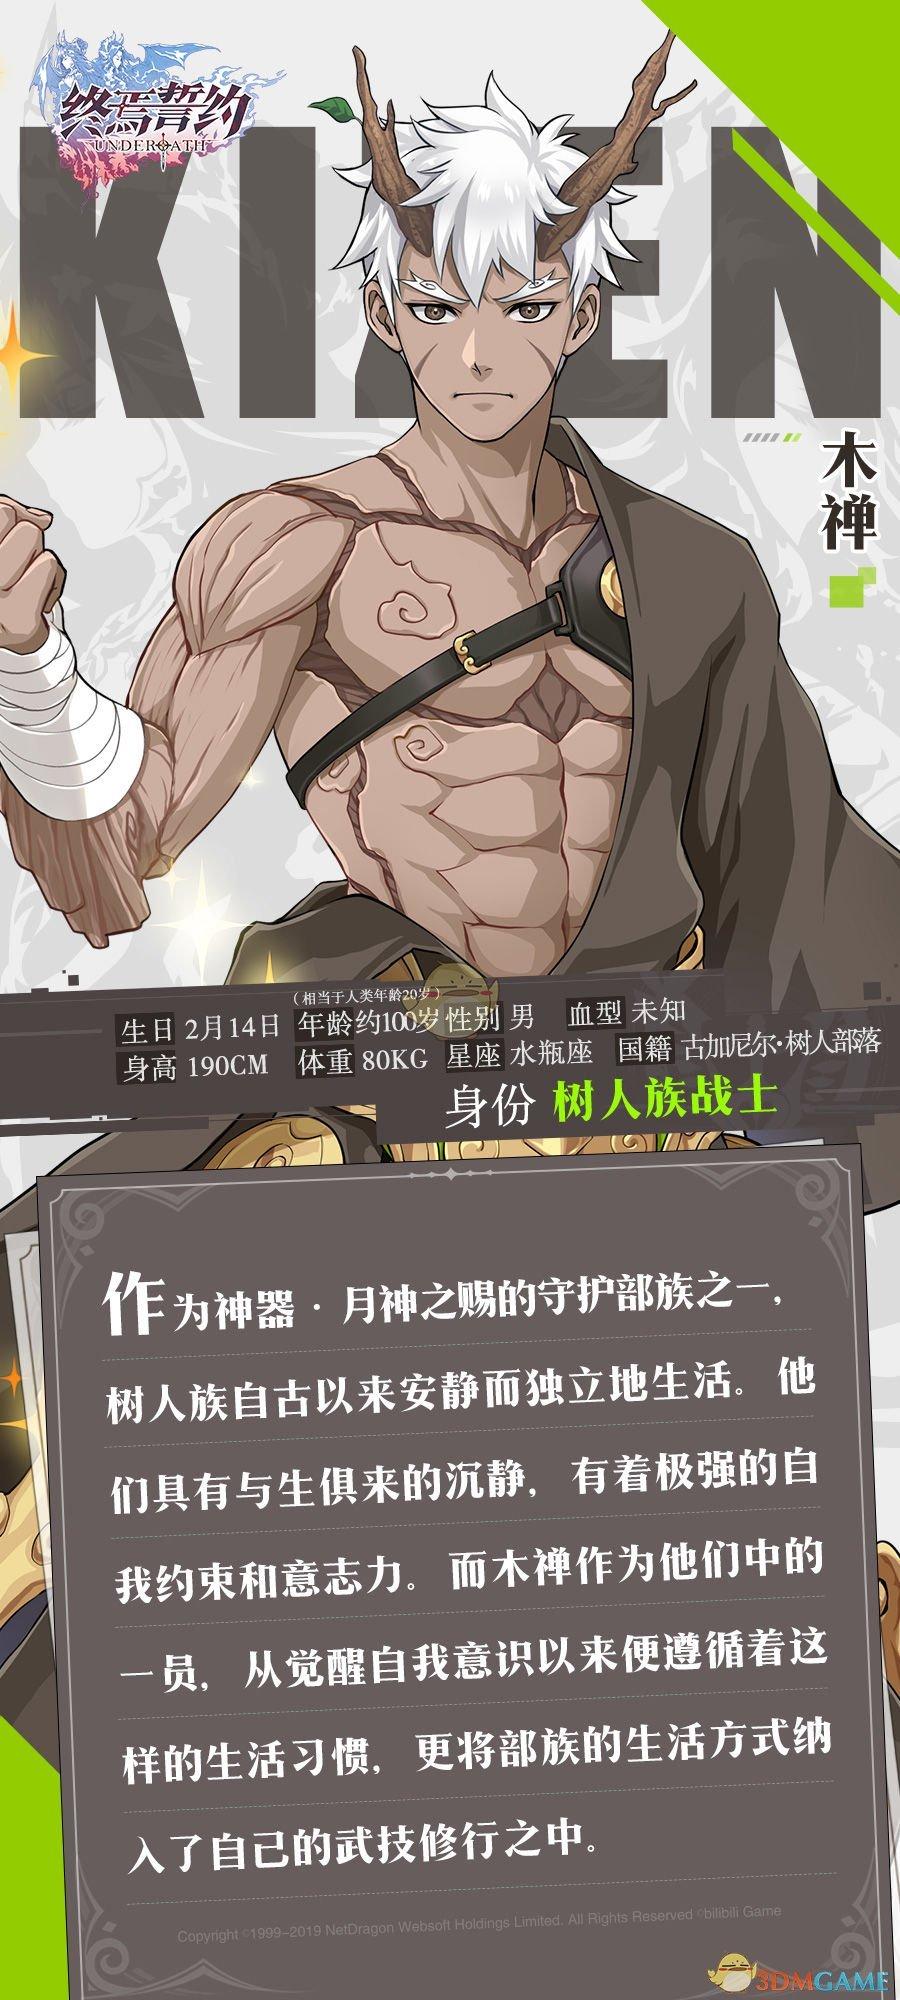 《终焉誓约》木禅人物介绍